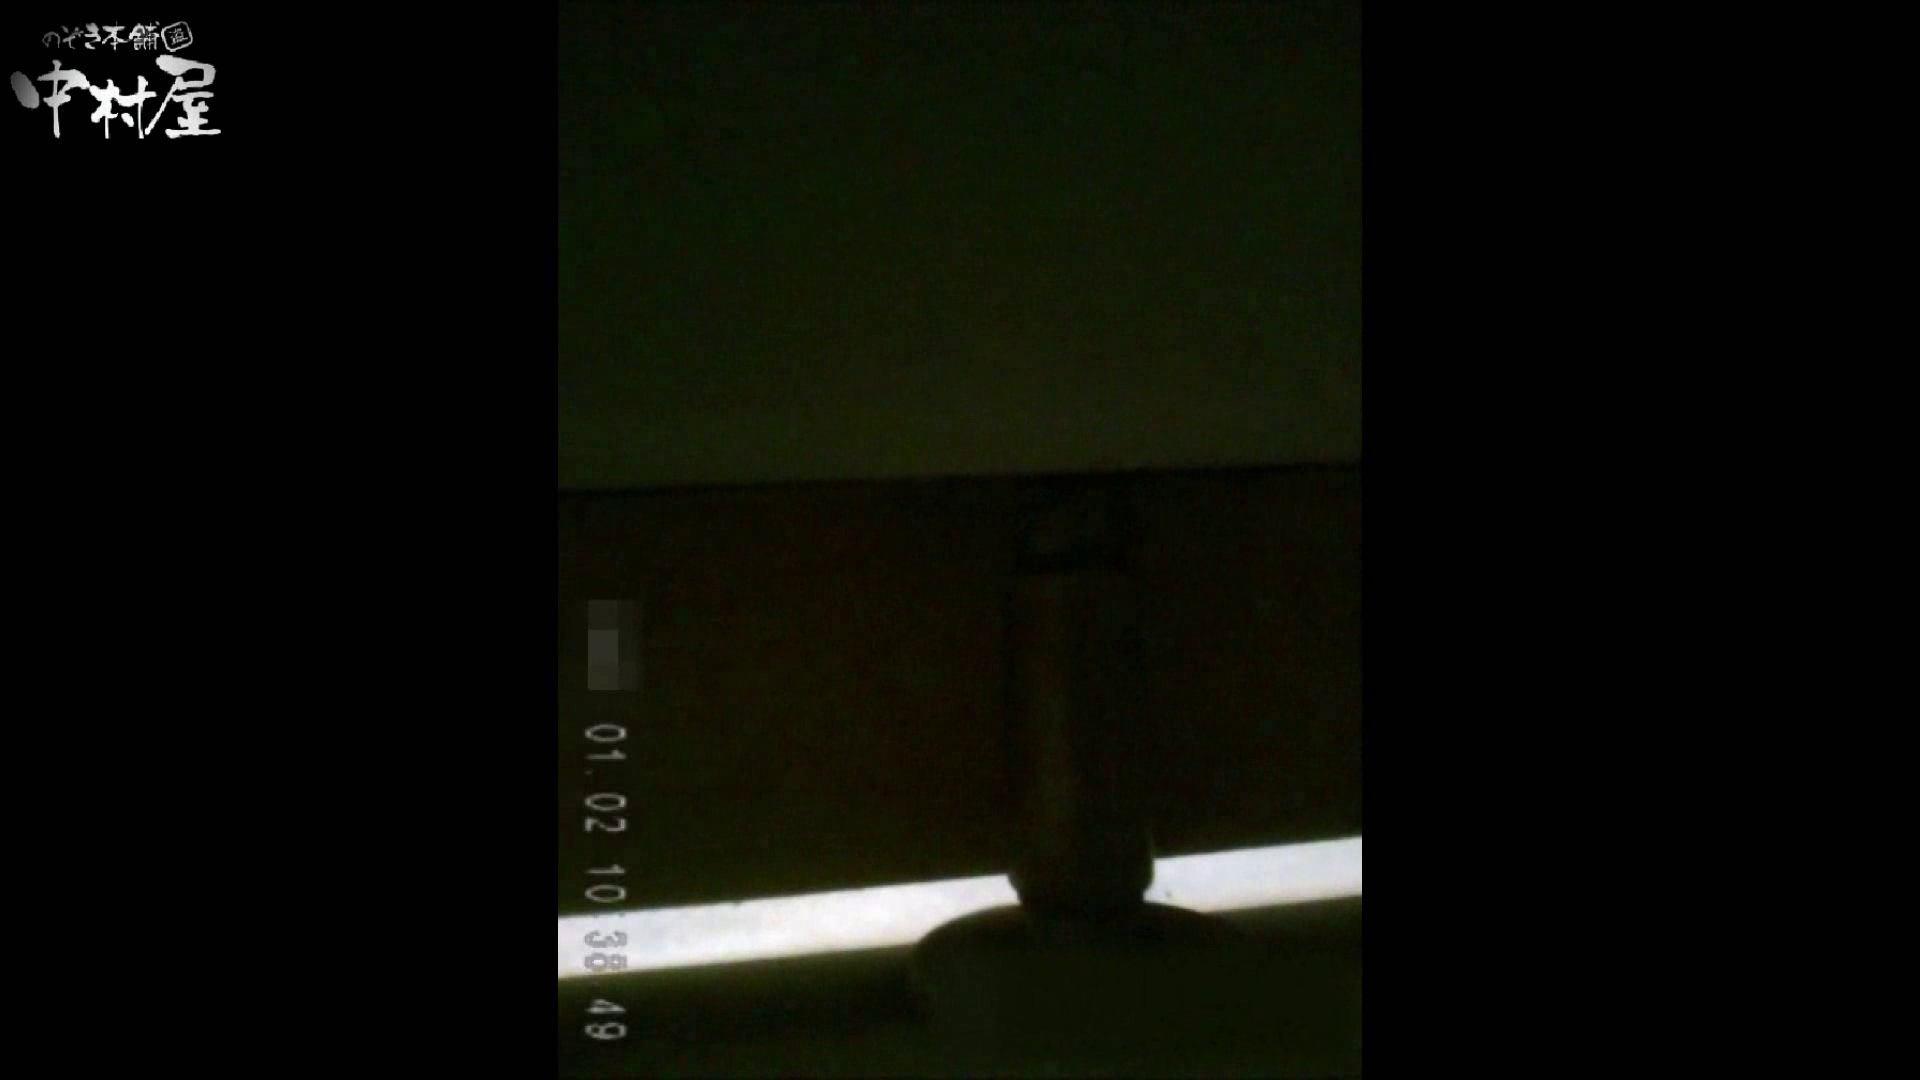 雅さんが厳選年末特別コンテンツ!激走!東京マラソン選手専用女子トイレ 排泄隠し撮り  75pic 25